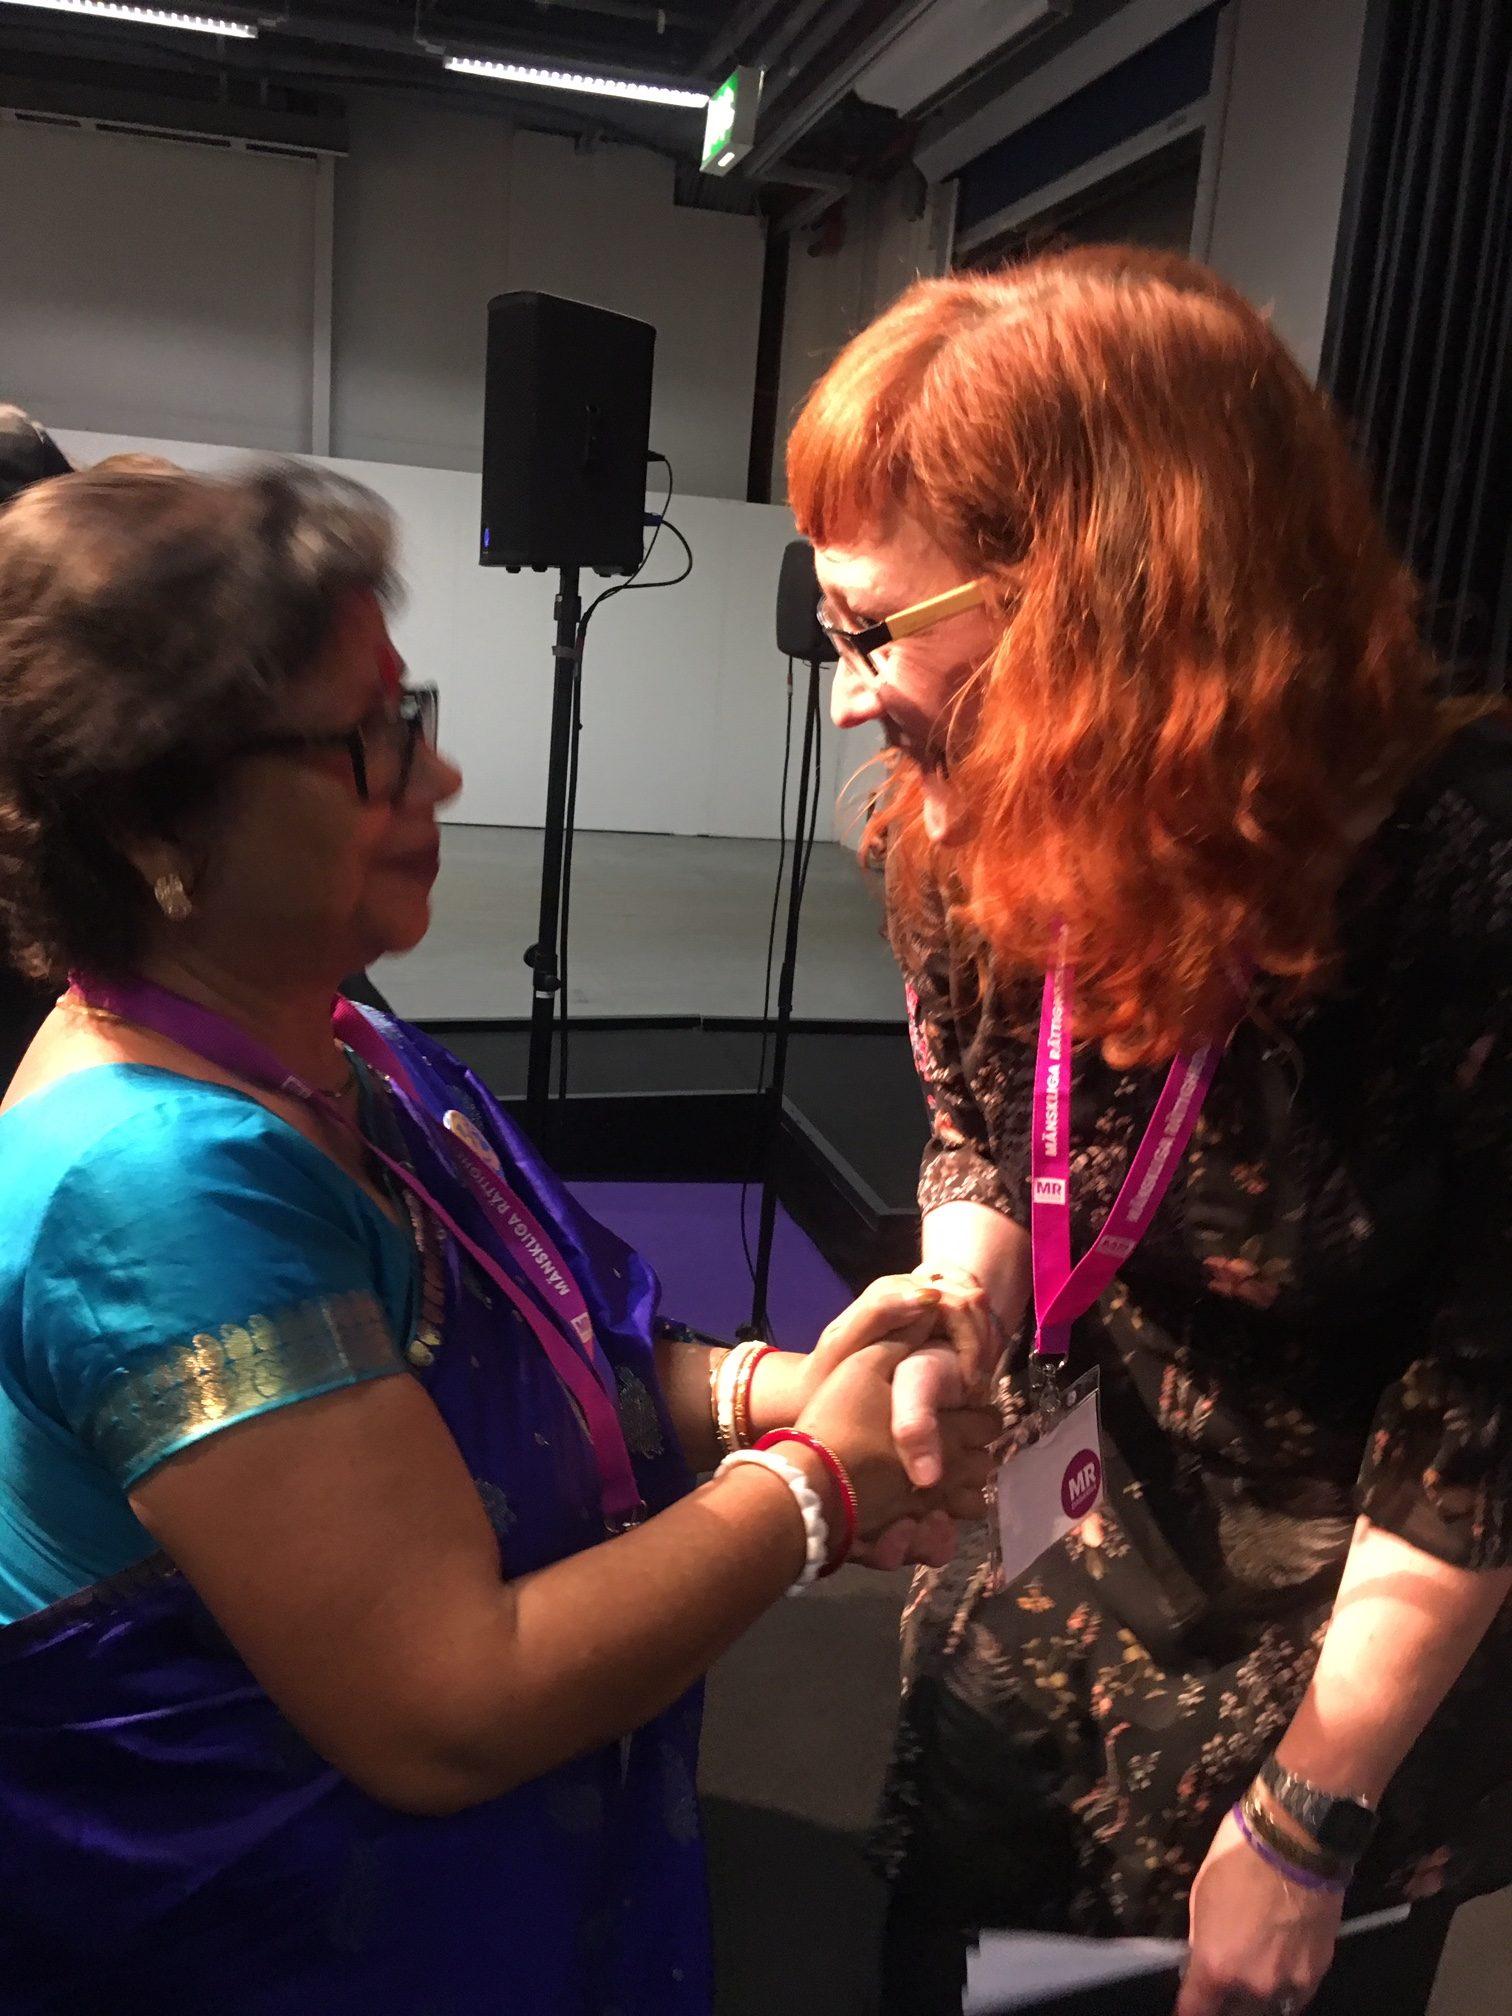 Hindu Forum Swedens ordförande Chitra Paul, arrangerade seminariet som behandlade ämnen som abduktion, tvångskonvertering och tvångsgiften av hinduflickor i Bangladesh och Pakistan. Sydasiens redaktör Johanna Sommansson modererade samtalet. Foto: Beat Lindberg